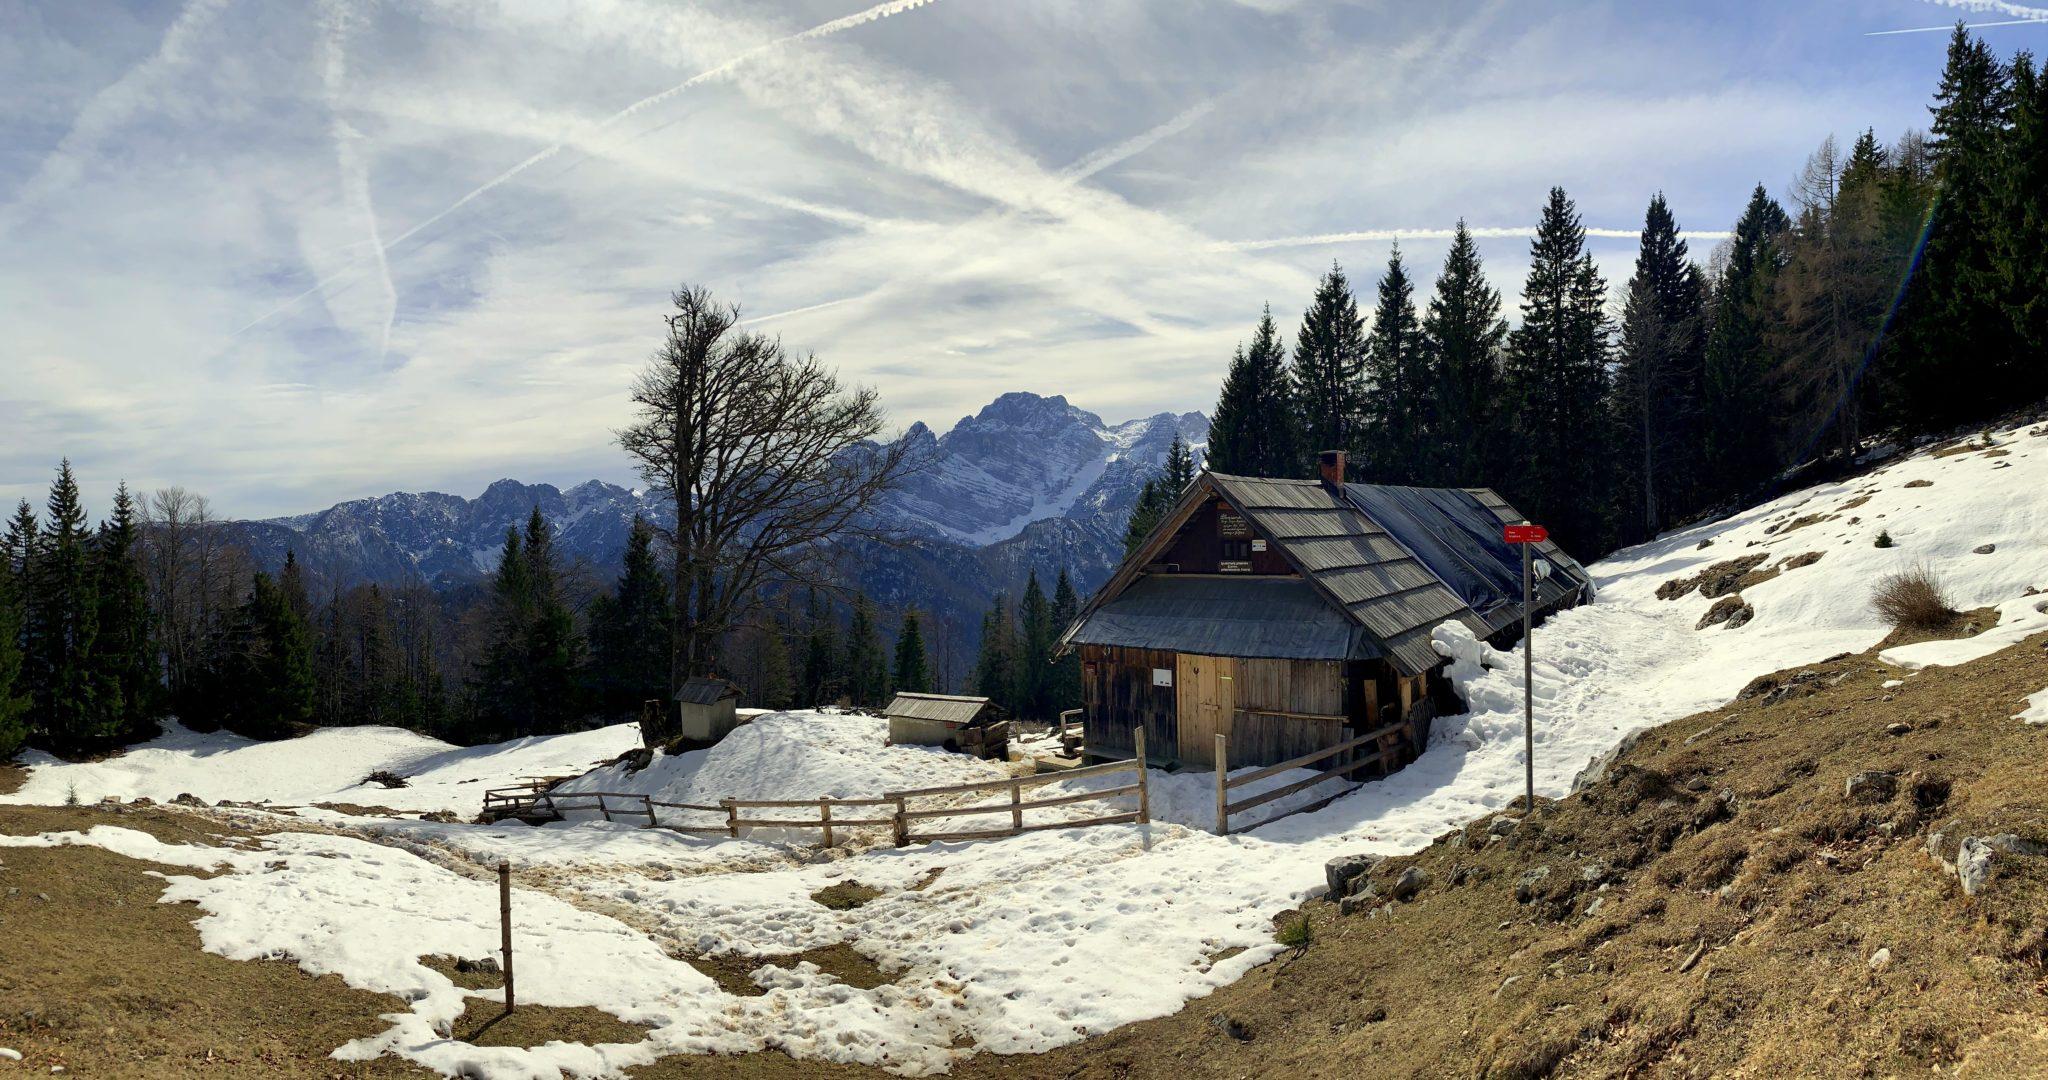 Vrtaška Planina, 1,462 m